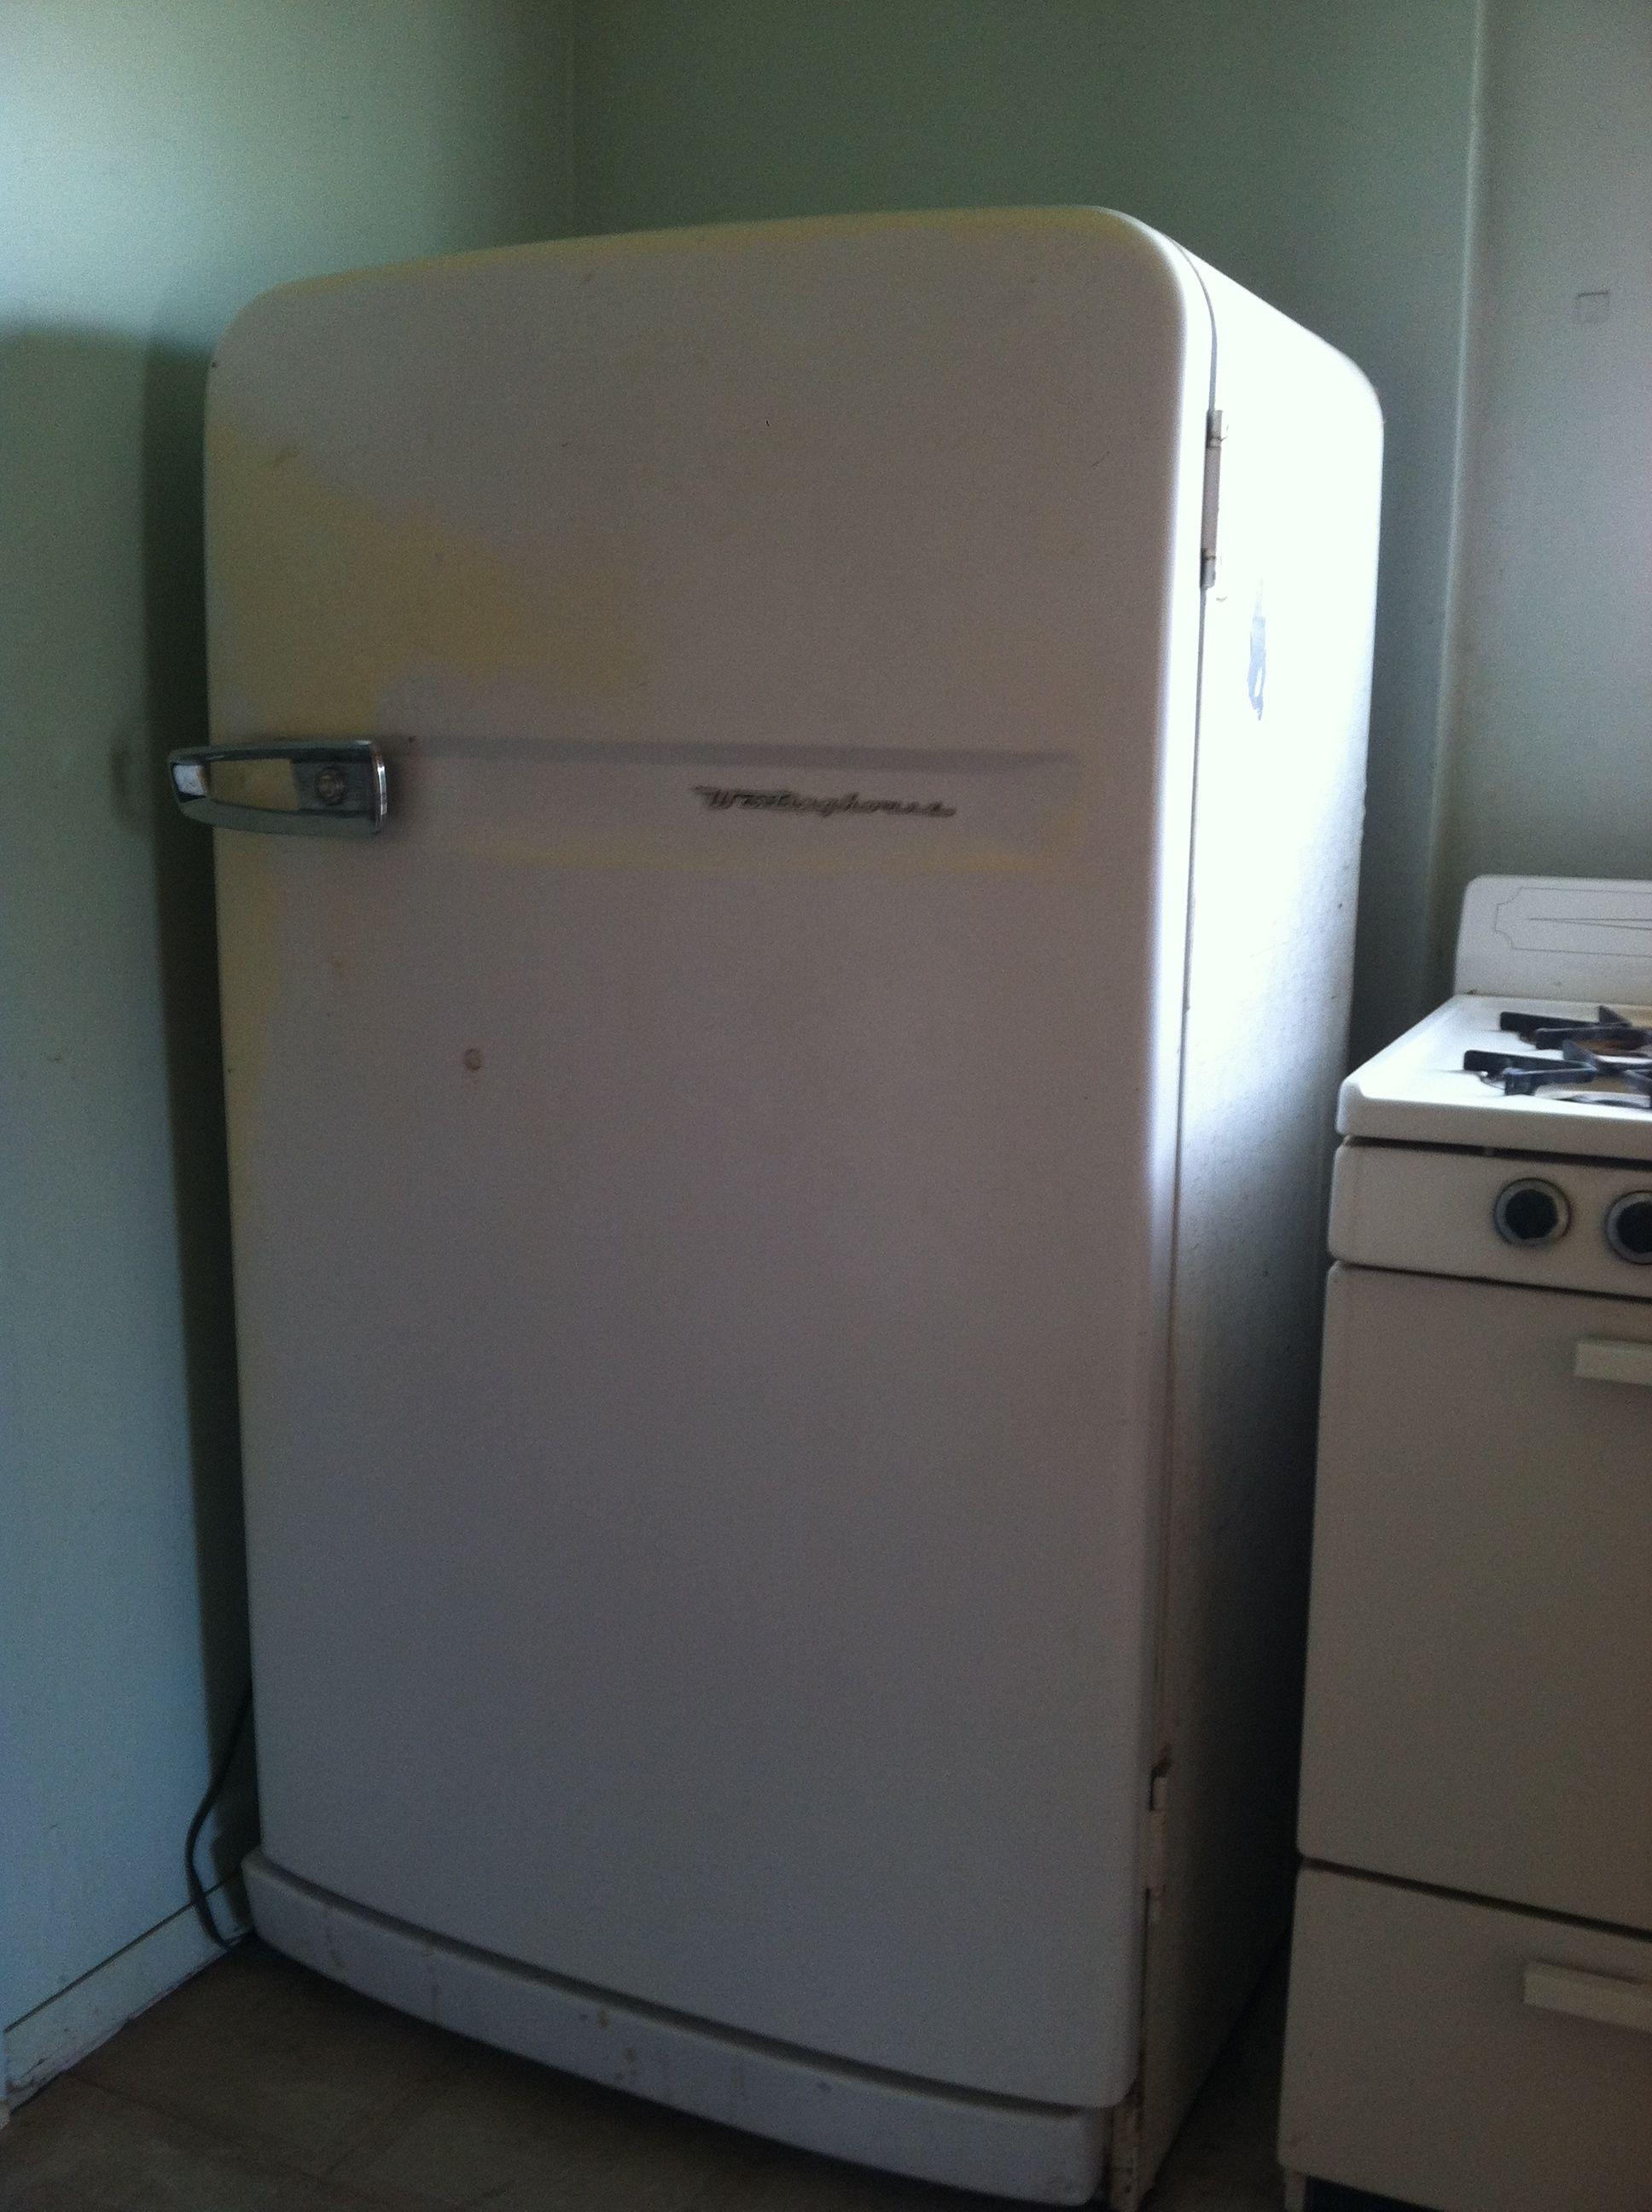 Uncategorized Retro Kitchen Appliance For Sale retro vintage westinghouse fridge for sale in az 200 the 200